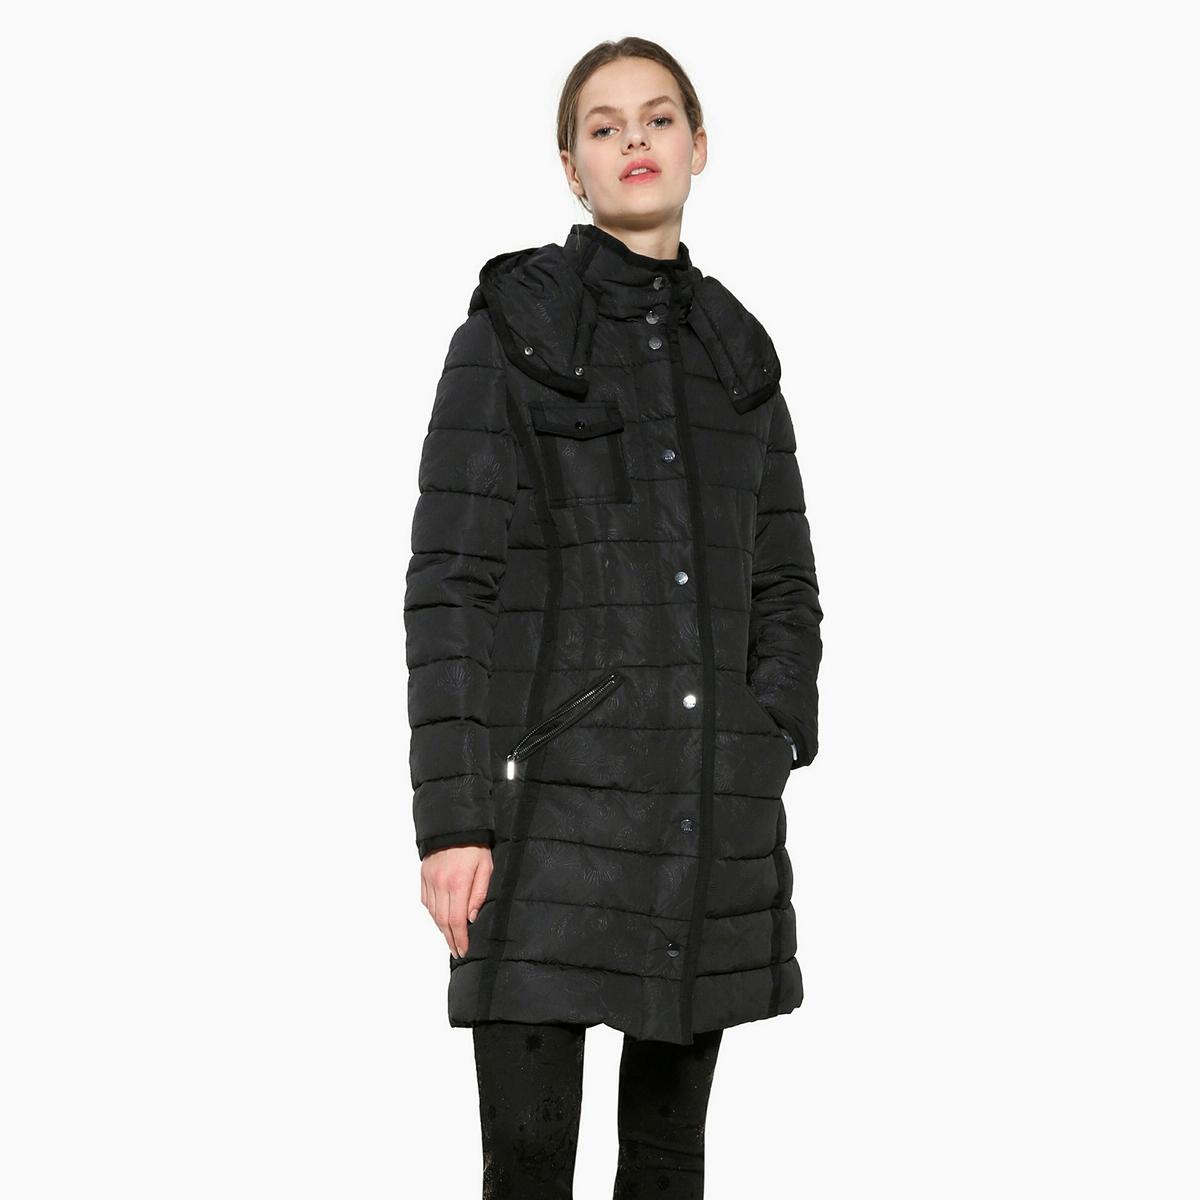 Пальто с капюшоном длинноеКуртка стеганая с капюшоном DESIGUAL в которой будет тепло в холодное время года. Пальто на молнии с однотонным рисунком. Высокий воротник. Детали •  Длина : укороченная  •  Капюшон •  Застежка на молнию •  С капюшономСостав и уход •  100% полиэстер •  Следуйте рекомендациям по уходу, указанным на этикетке изделия<br><br>Цвет: черный<br>Размер: 36 (FR) - 42 (RUS).38 (FR) - 44 (RUS)